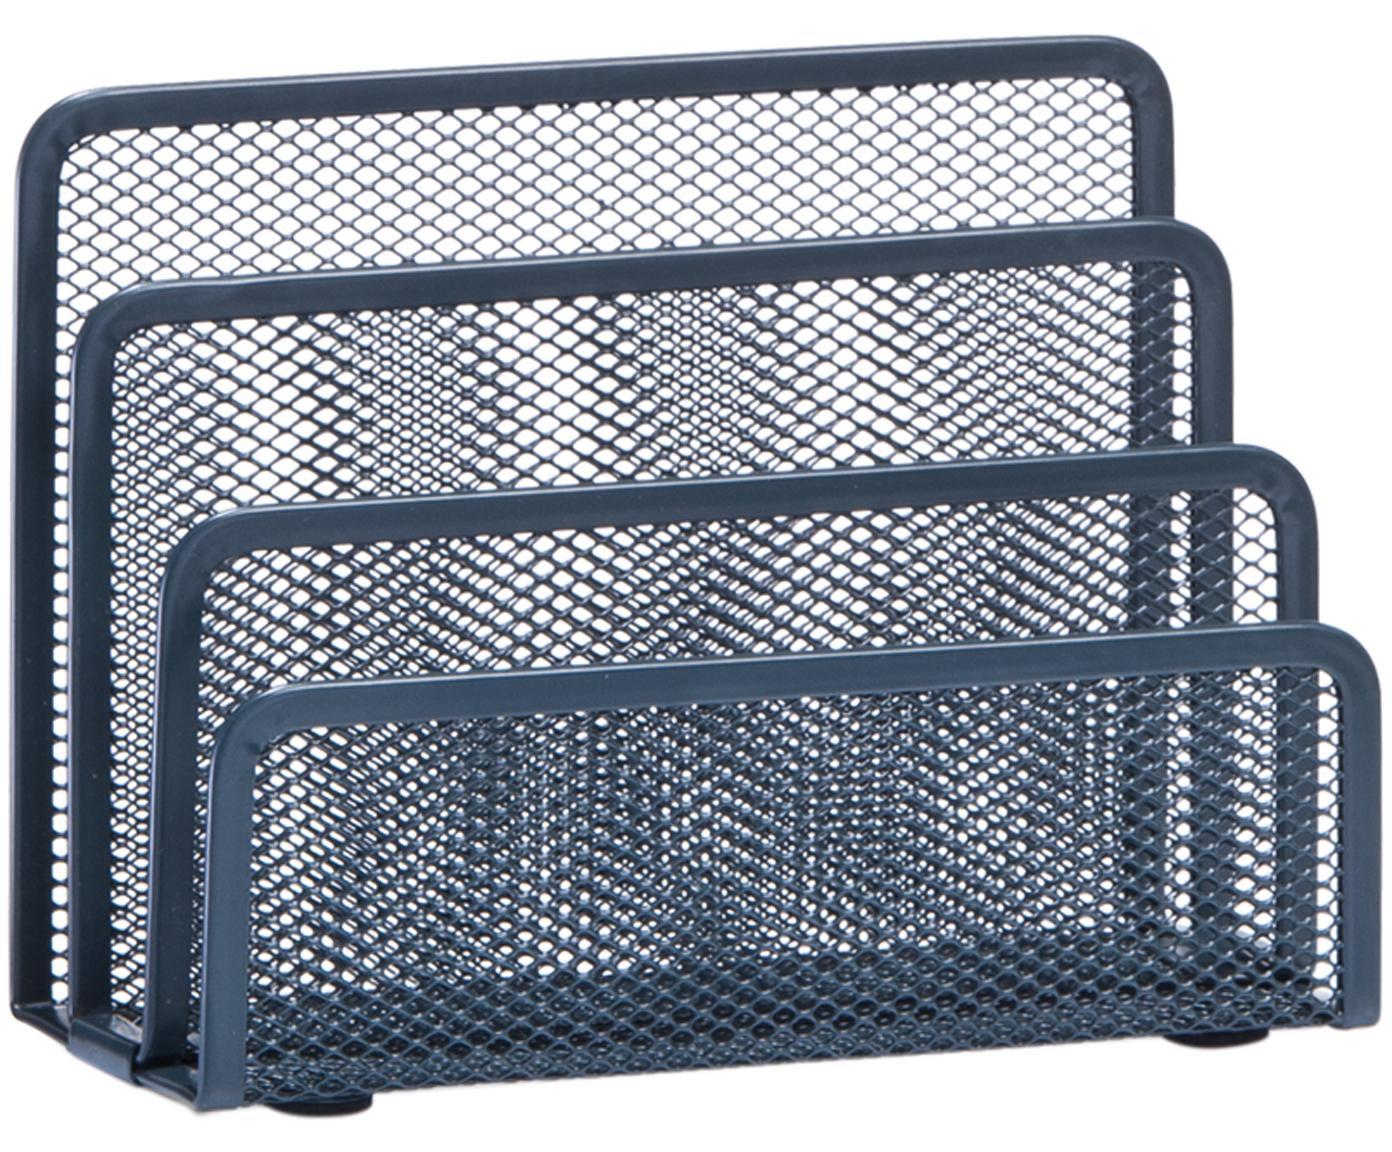 Portariviste Hica, Metallo verniciato a polvere, Antracite, Larg. 17 x Alt. 14 cm